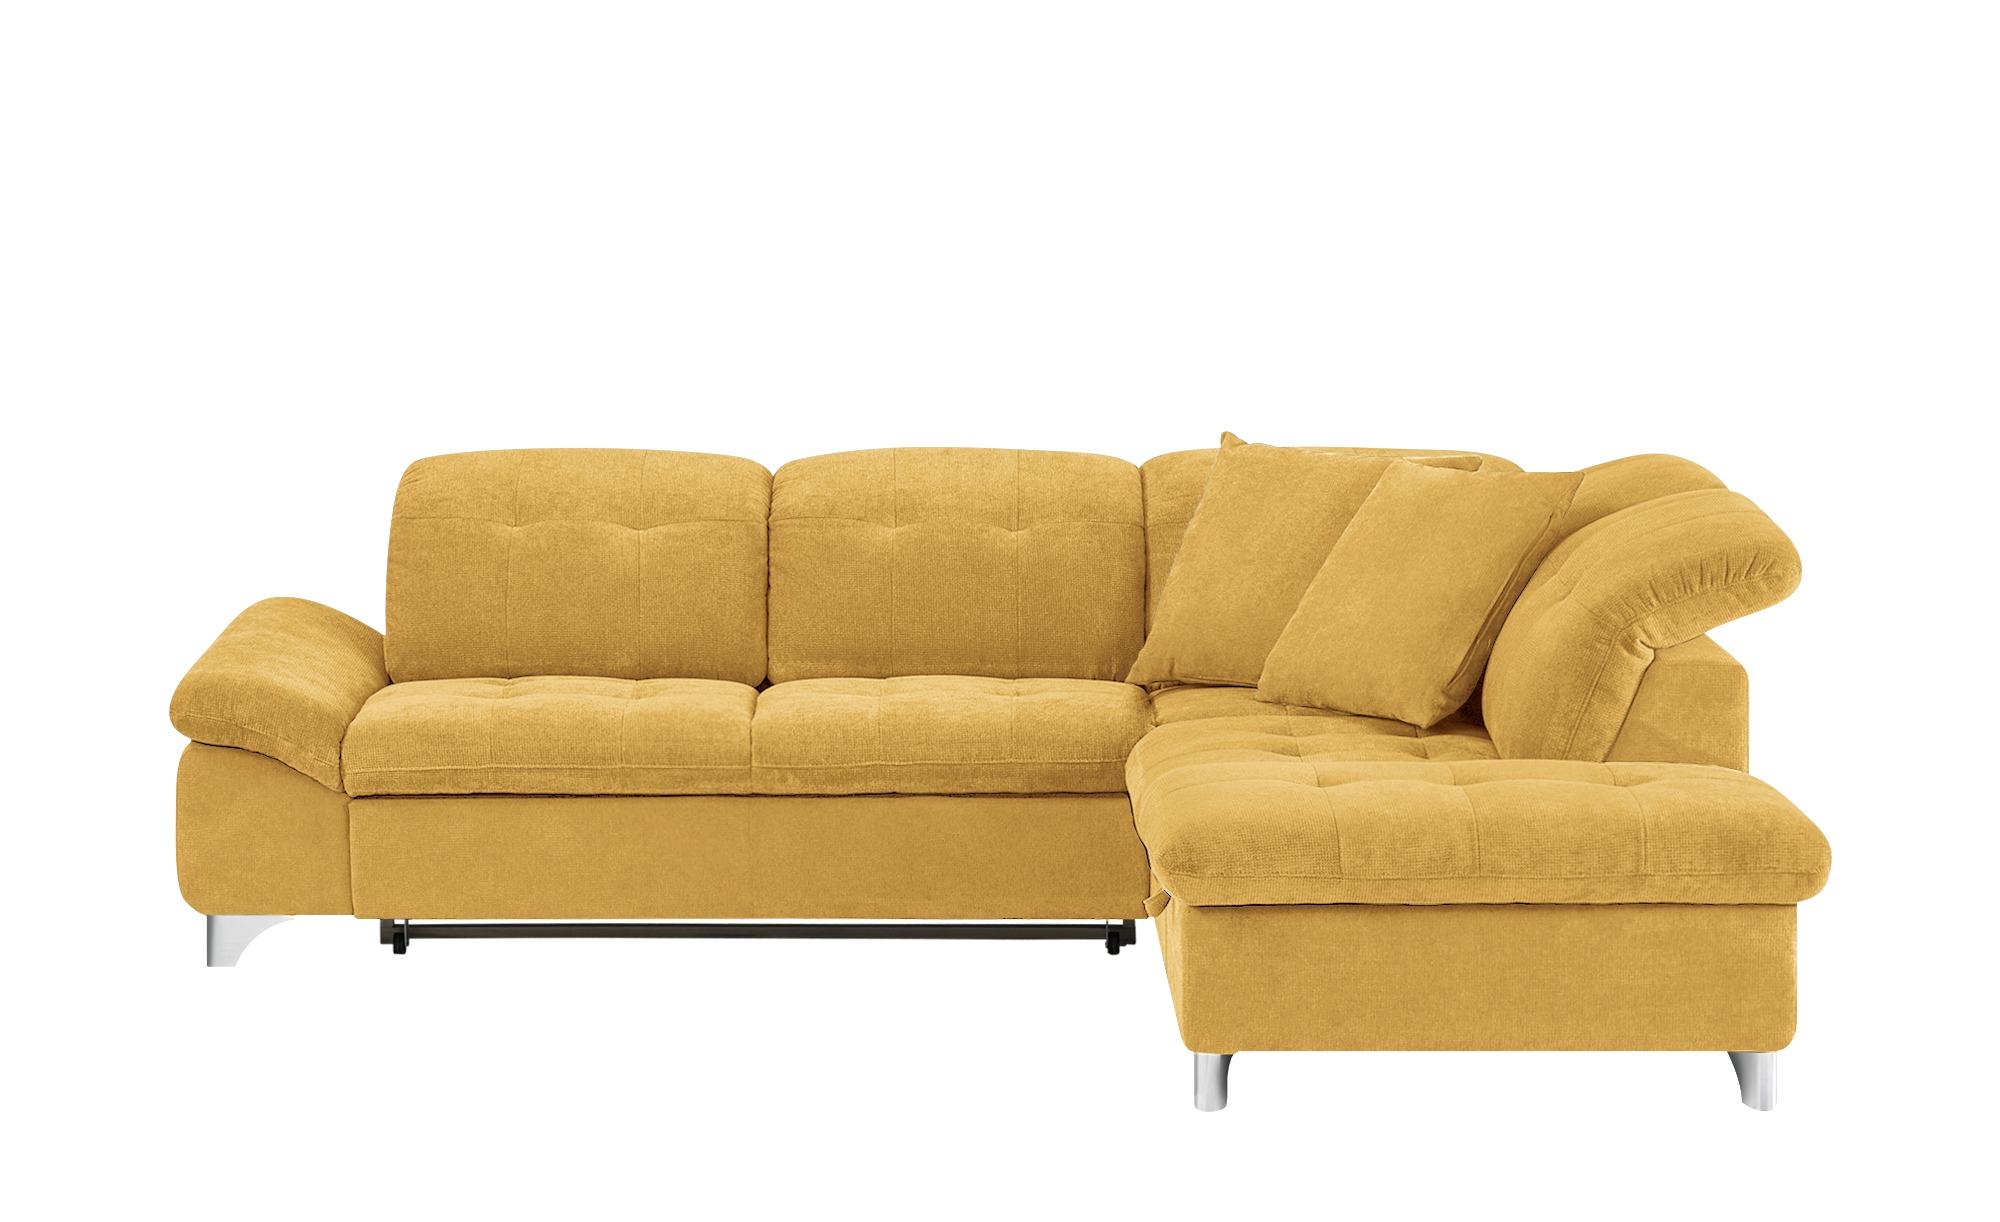 Ecksofa mira breite h he 83 cm gelb online kaufen bei woonio for Ecksofa 2 60x2 00